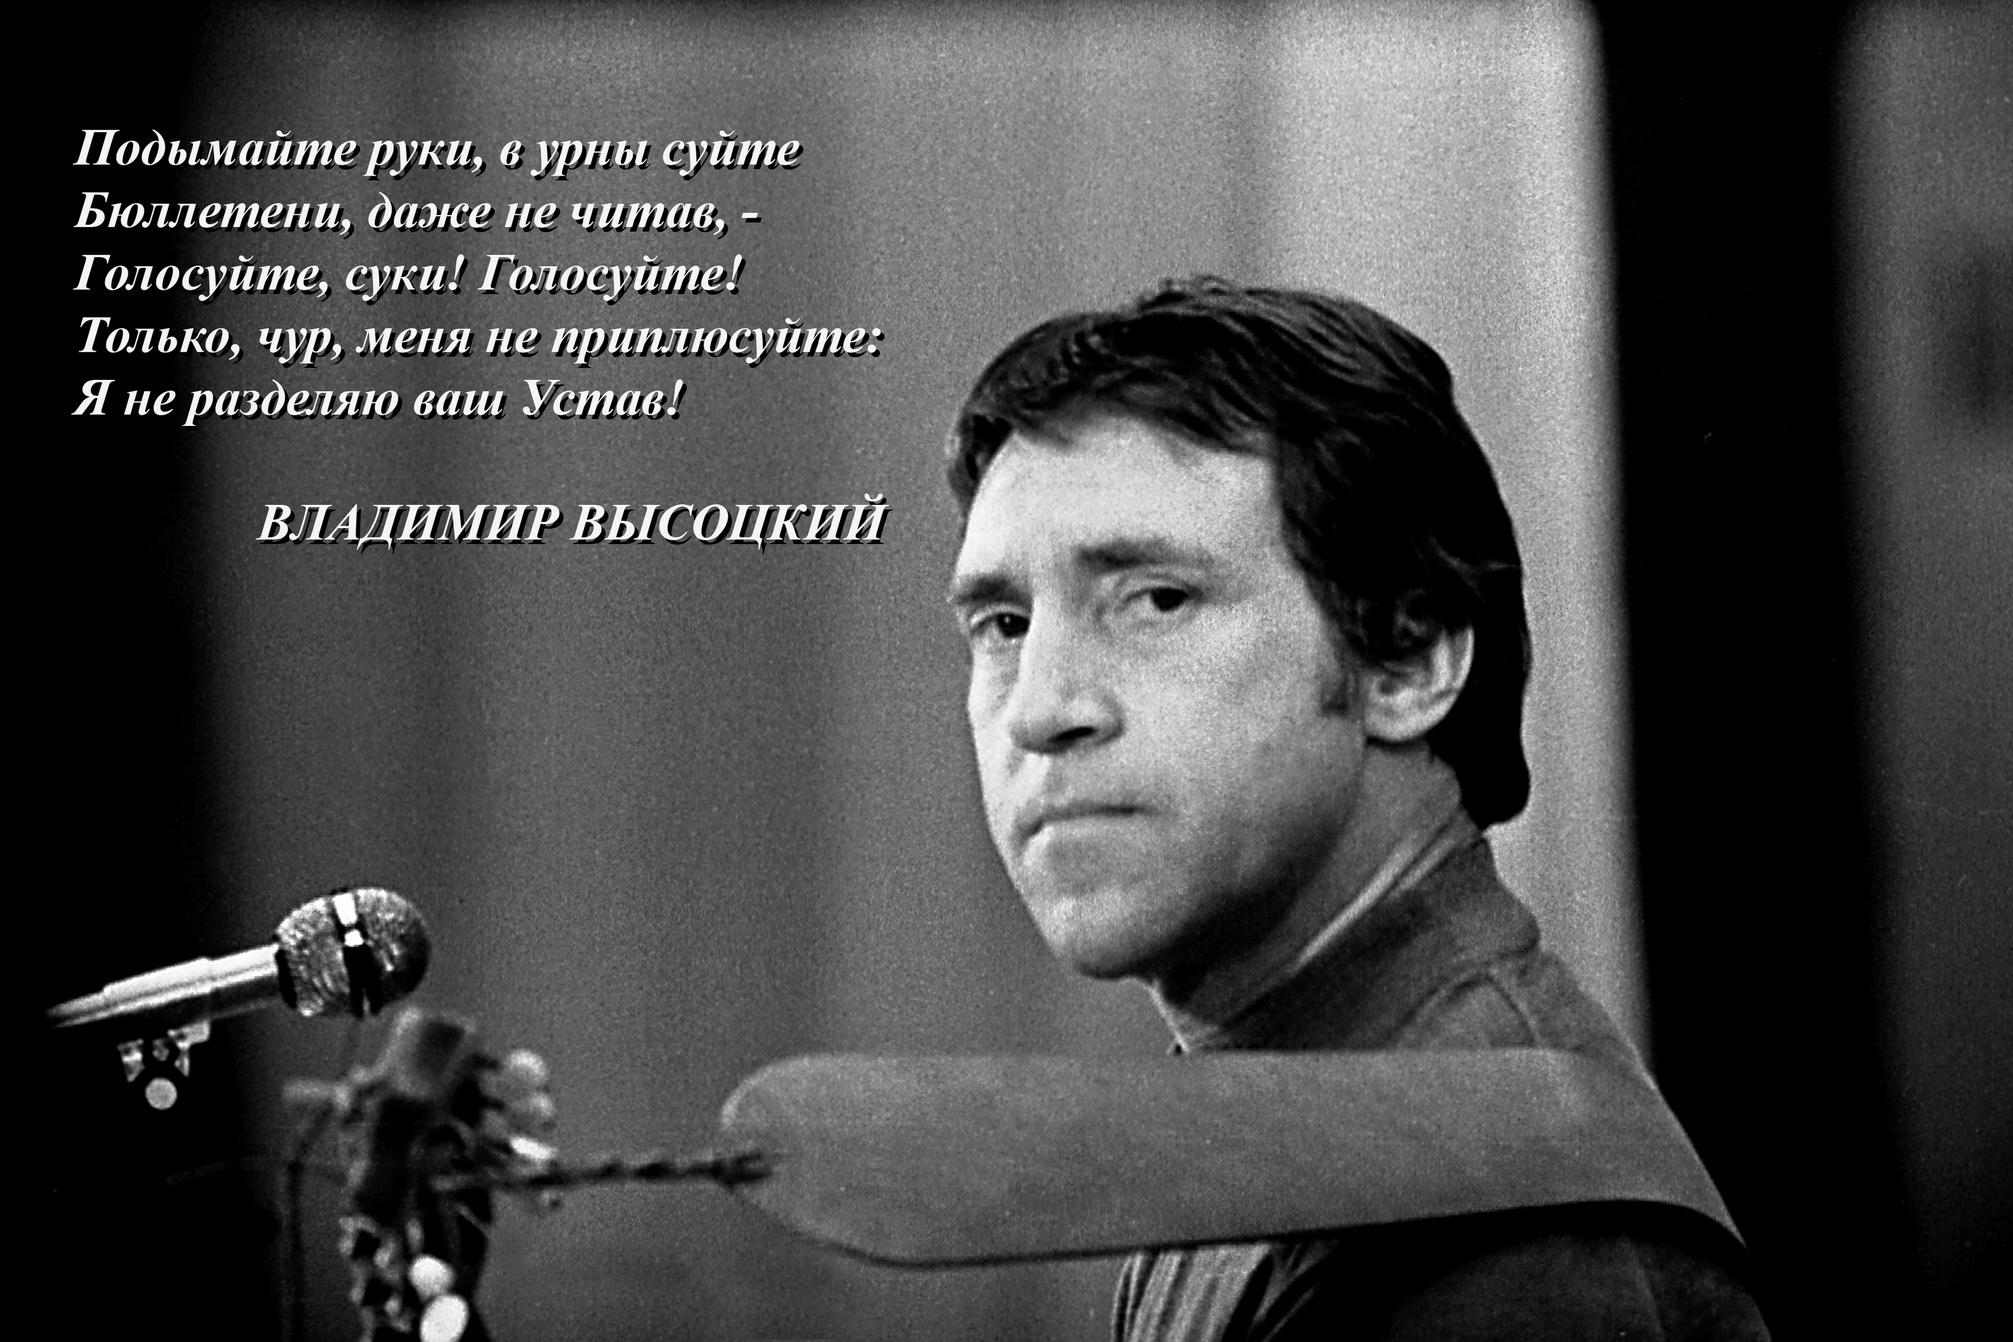 ОБСЕ готово направить наблюдателей на местные выборы на Донбассе - Цензор.НЕТ 9371